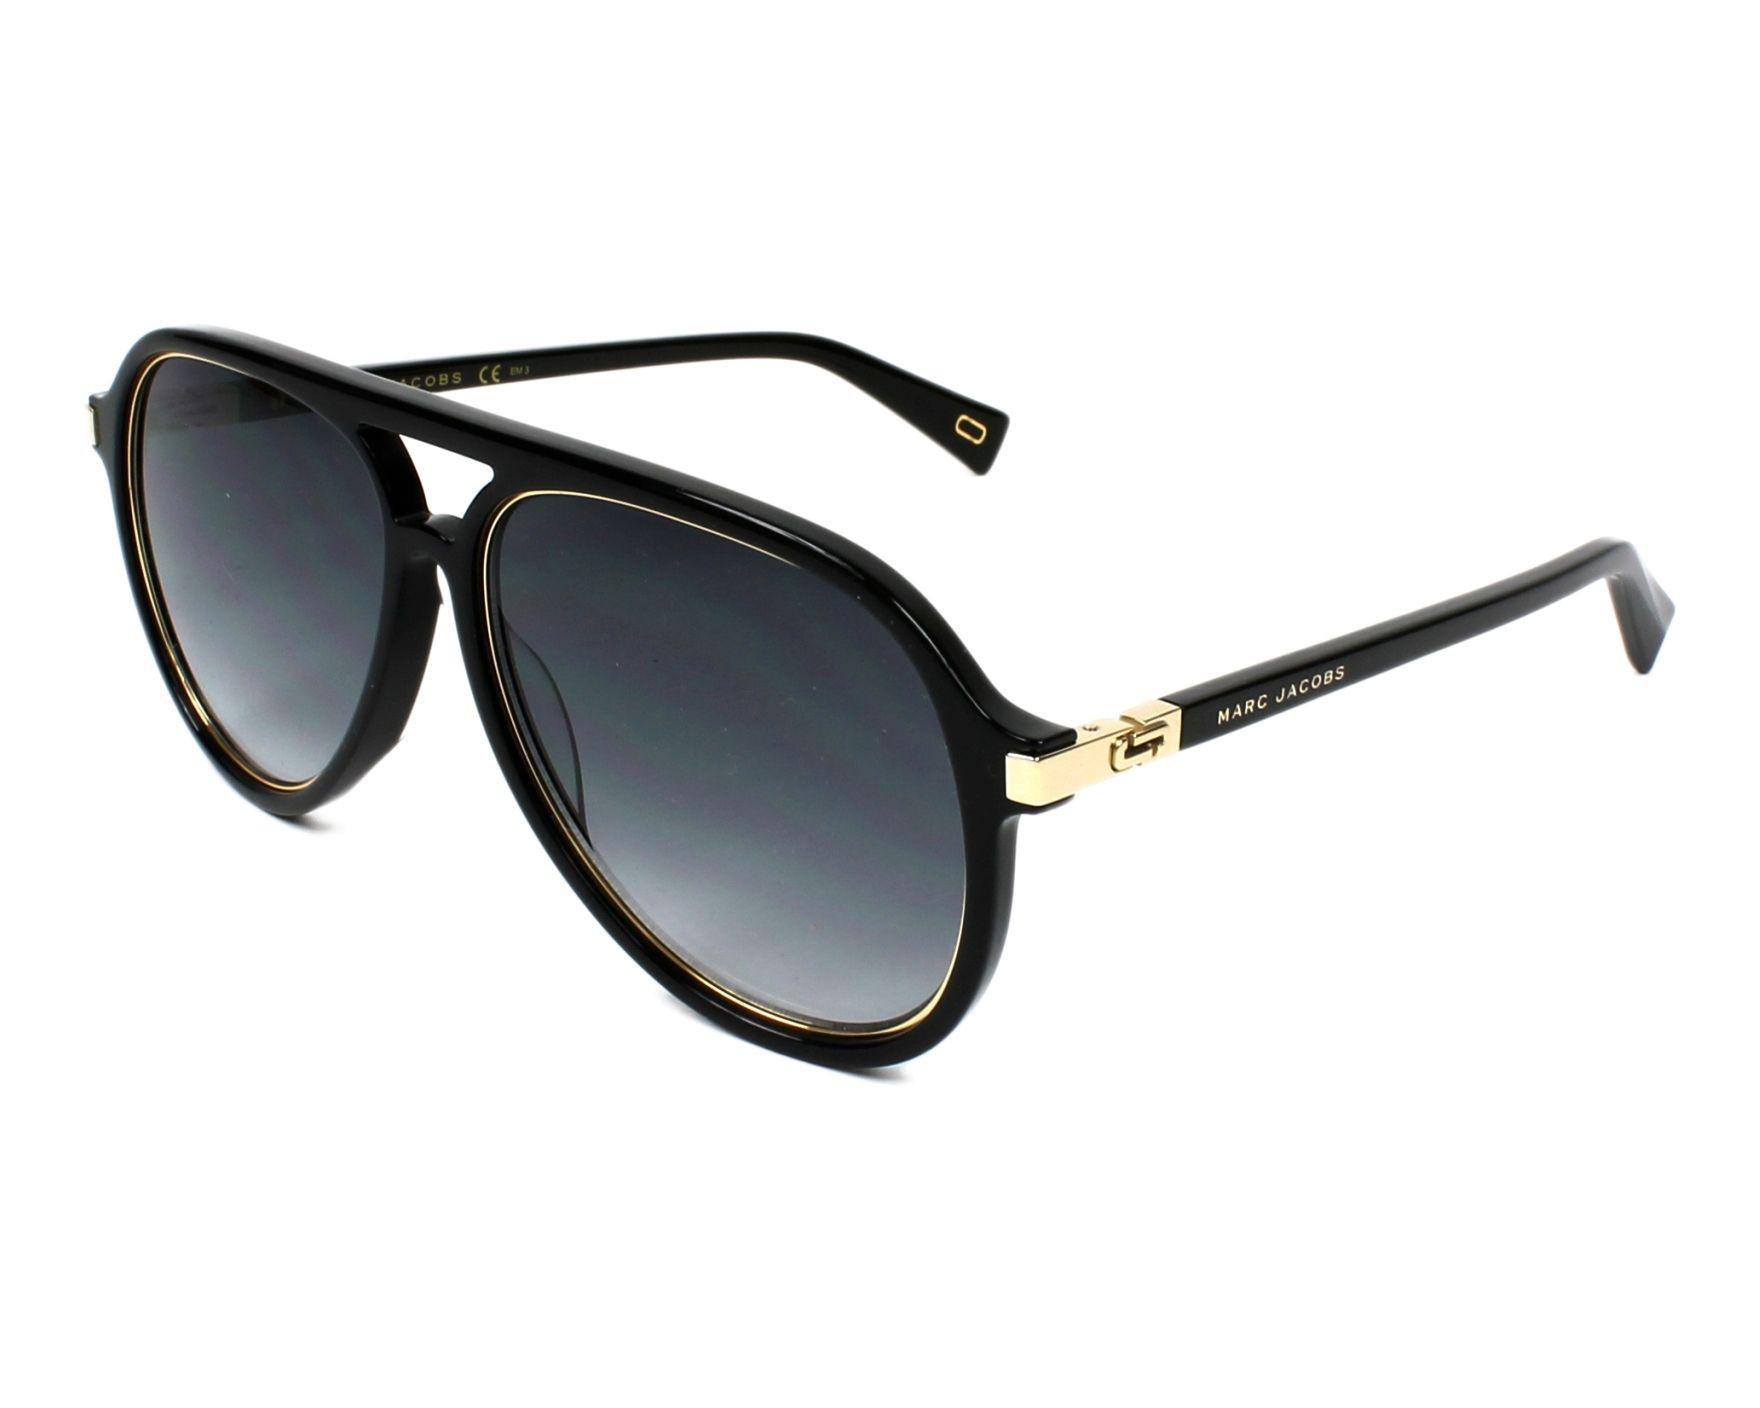 b7f8c2eeded Trouvez vos lunettes de soleil Marc Jacobs en promotion toute l année